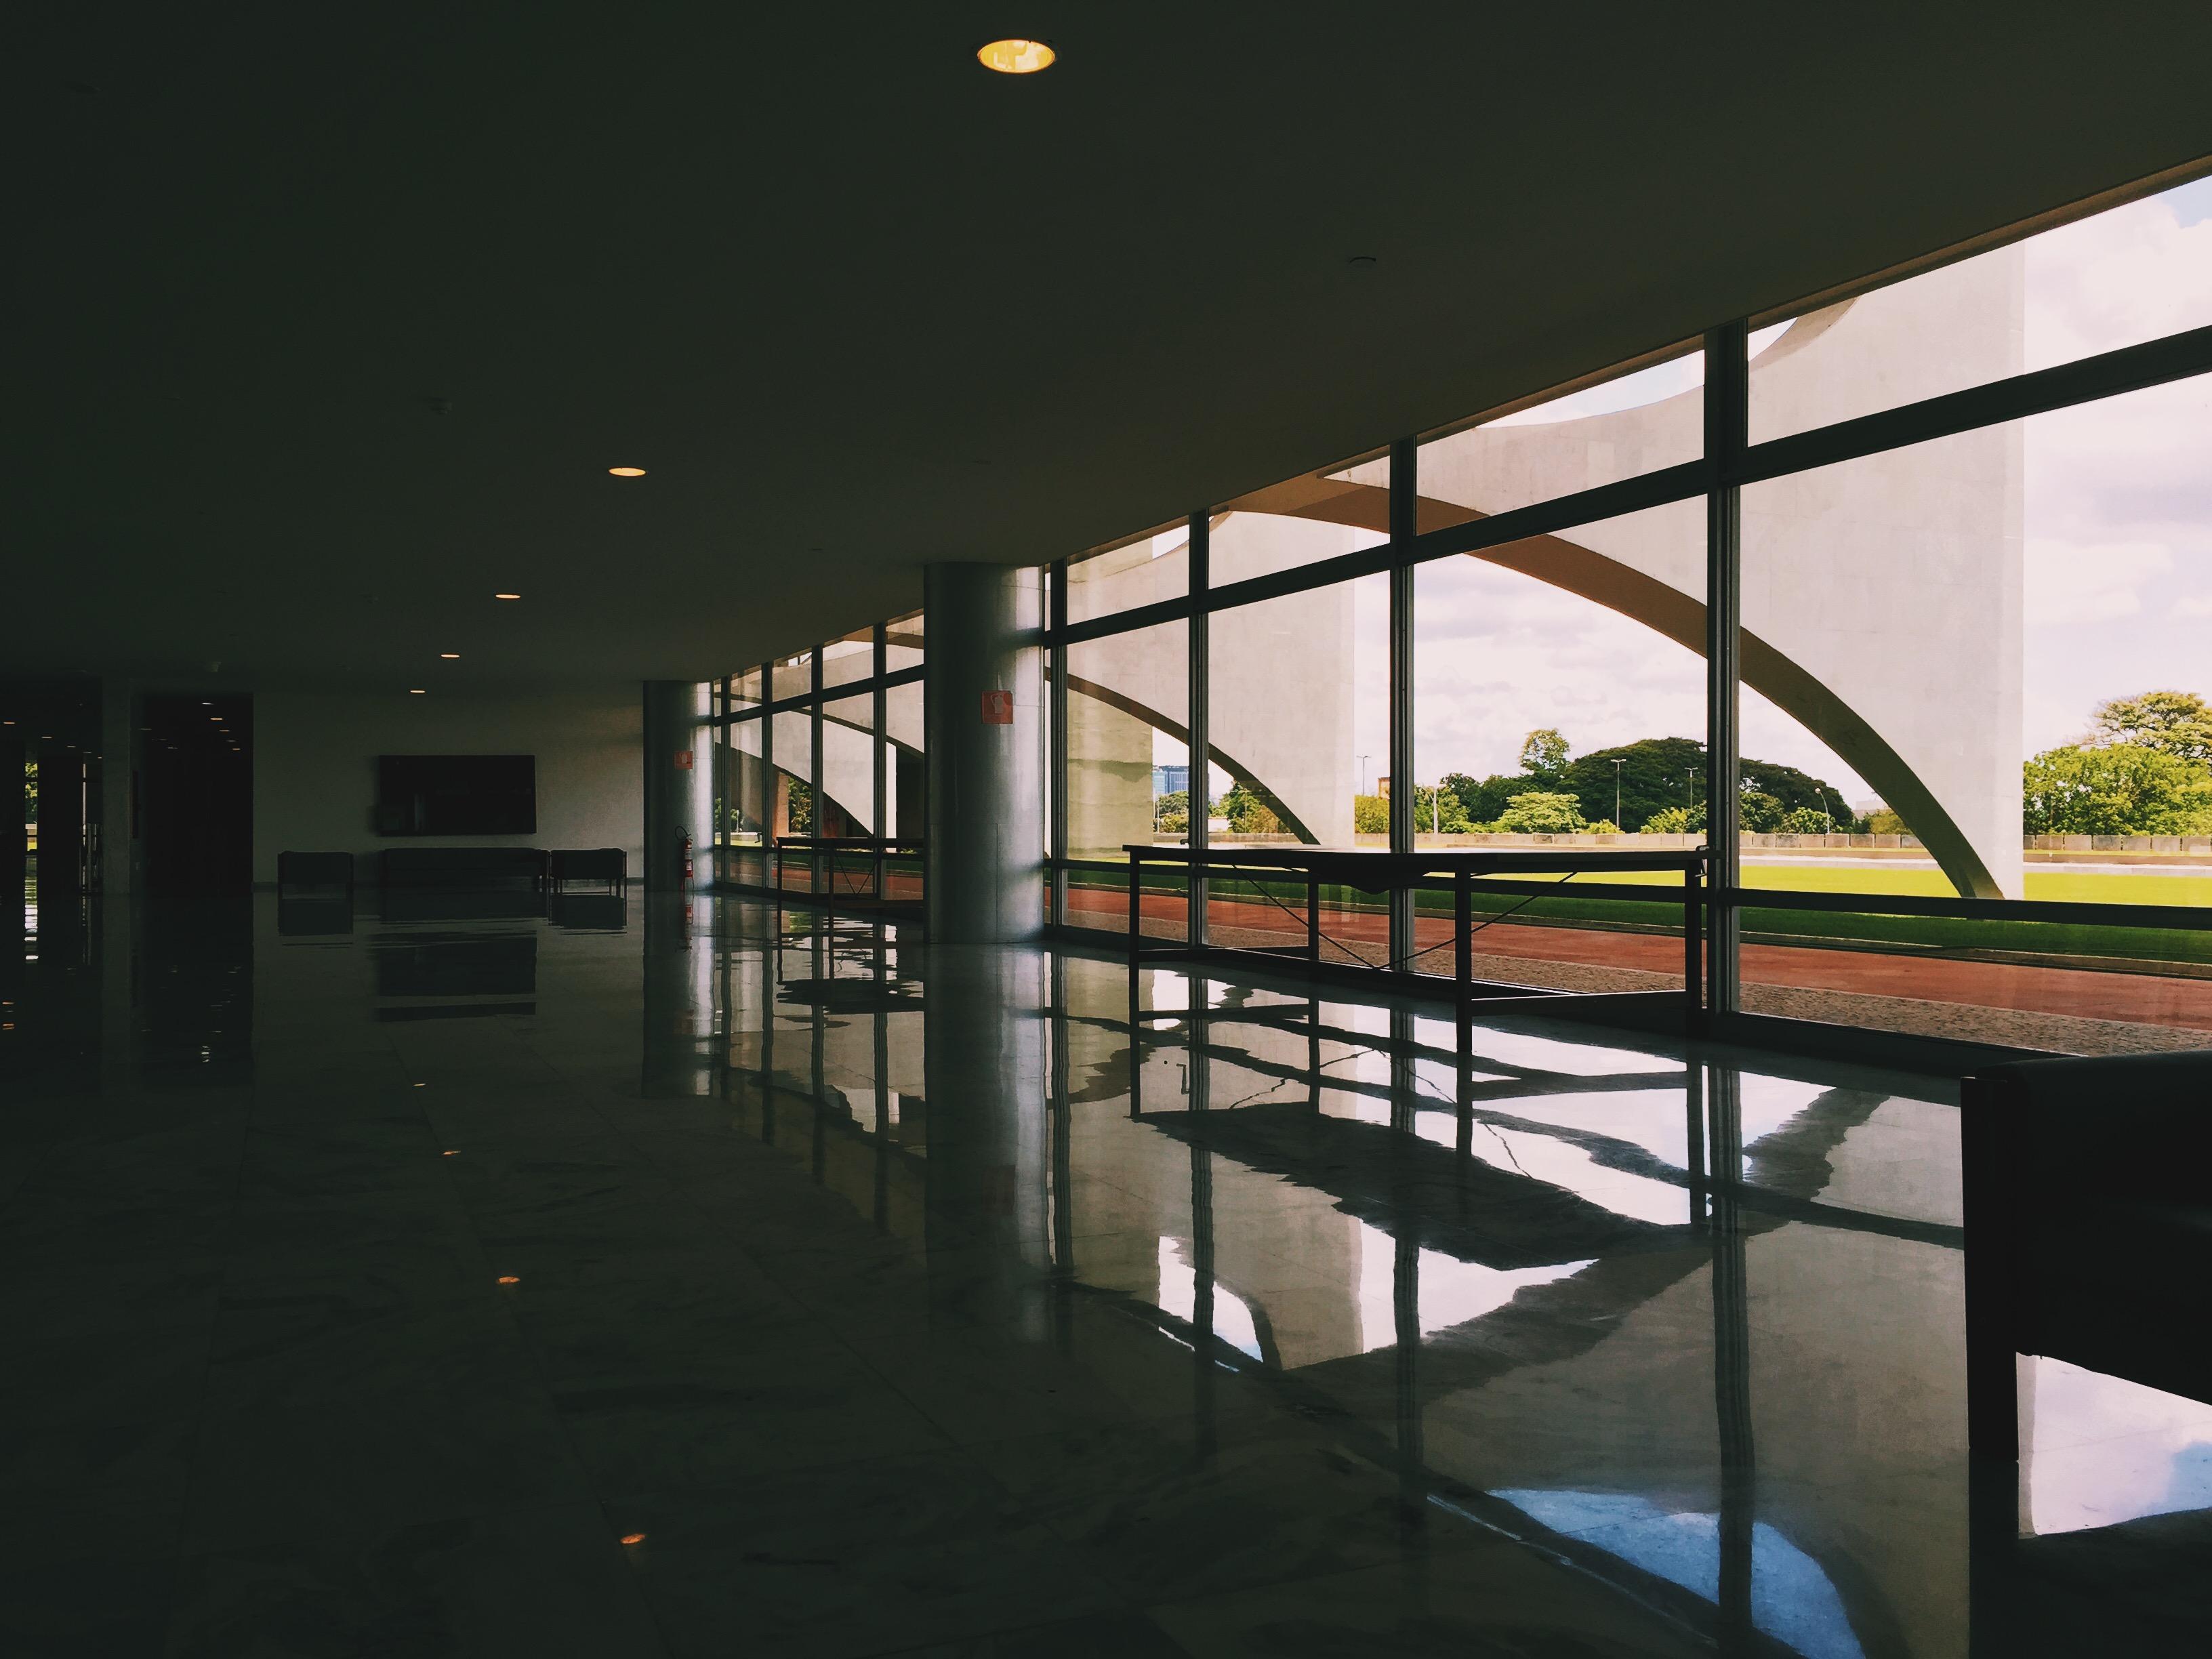 Salões e corredores do Planalto.